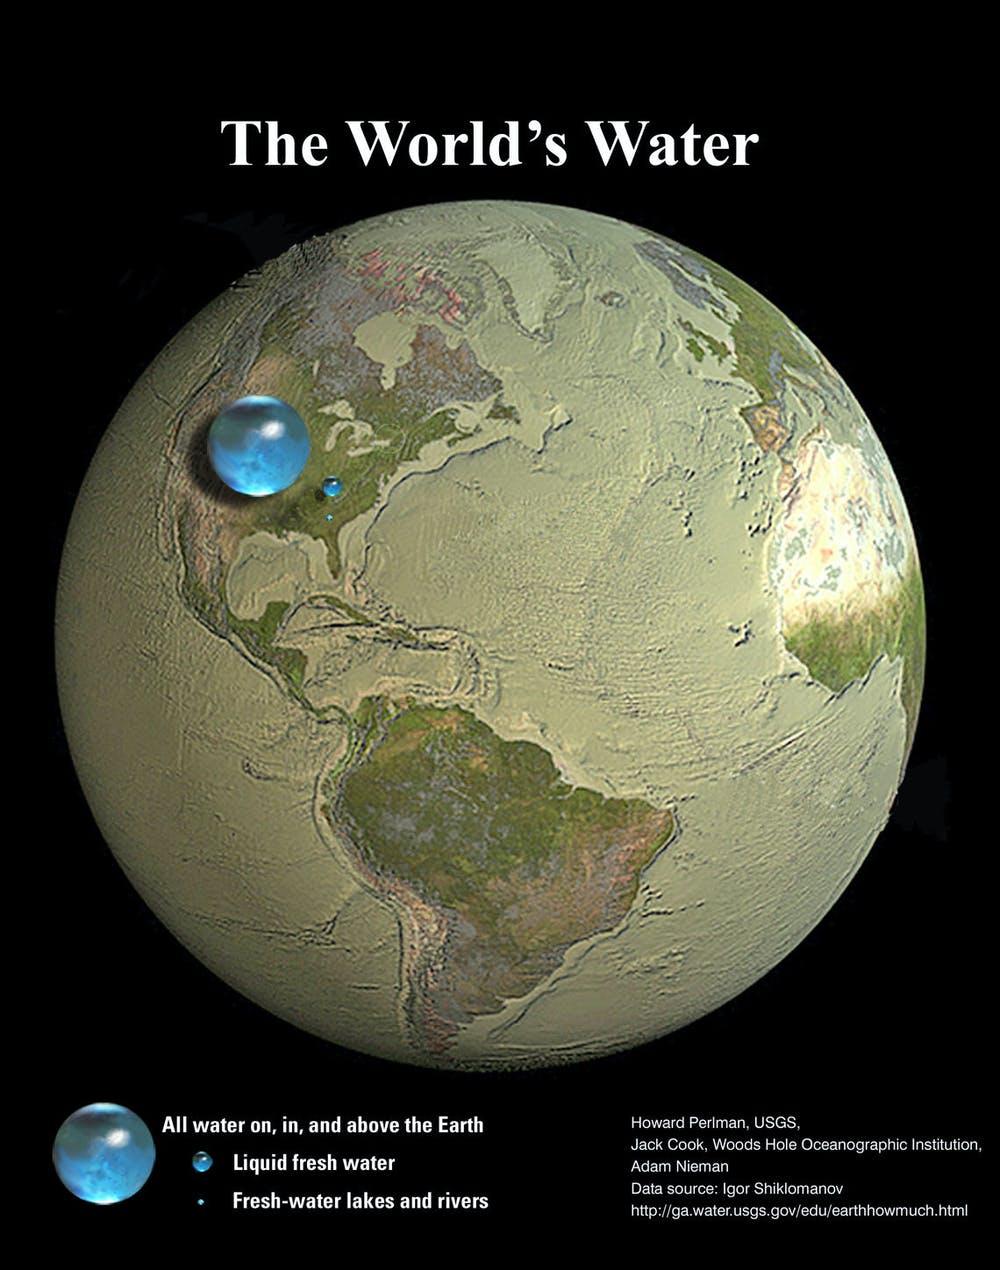 Toutes les eaux de surface de la Terre sont contenues dans une sphère de 1 300 km de diamètre, c'est-à-dire de la taille de l'Allemagne du nord au sud.